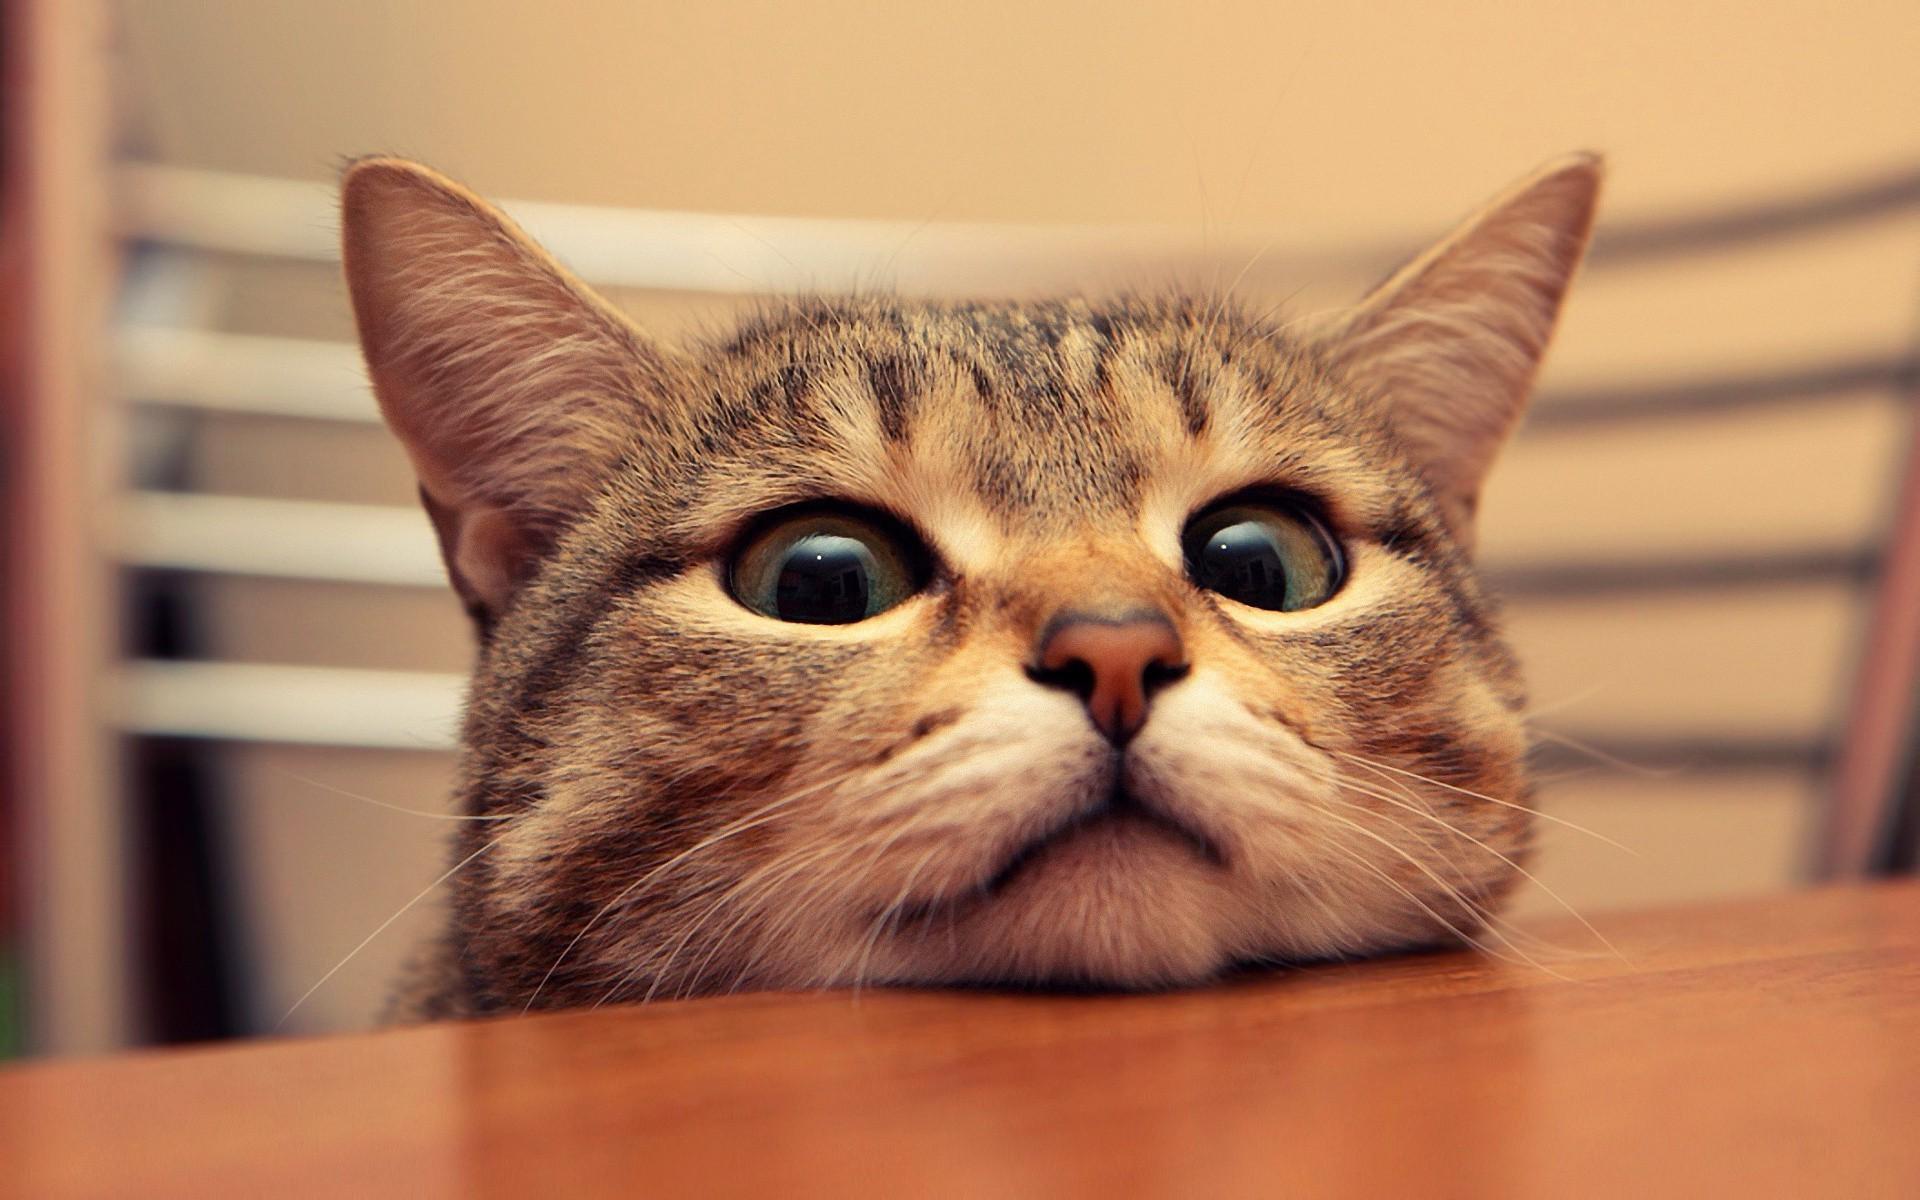 デスクトップ壁紙 面 ネコ ビューアを見て 表 椅子 鼻